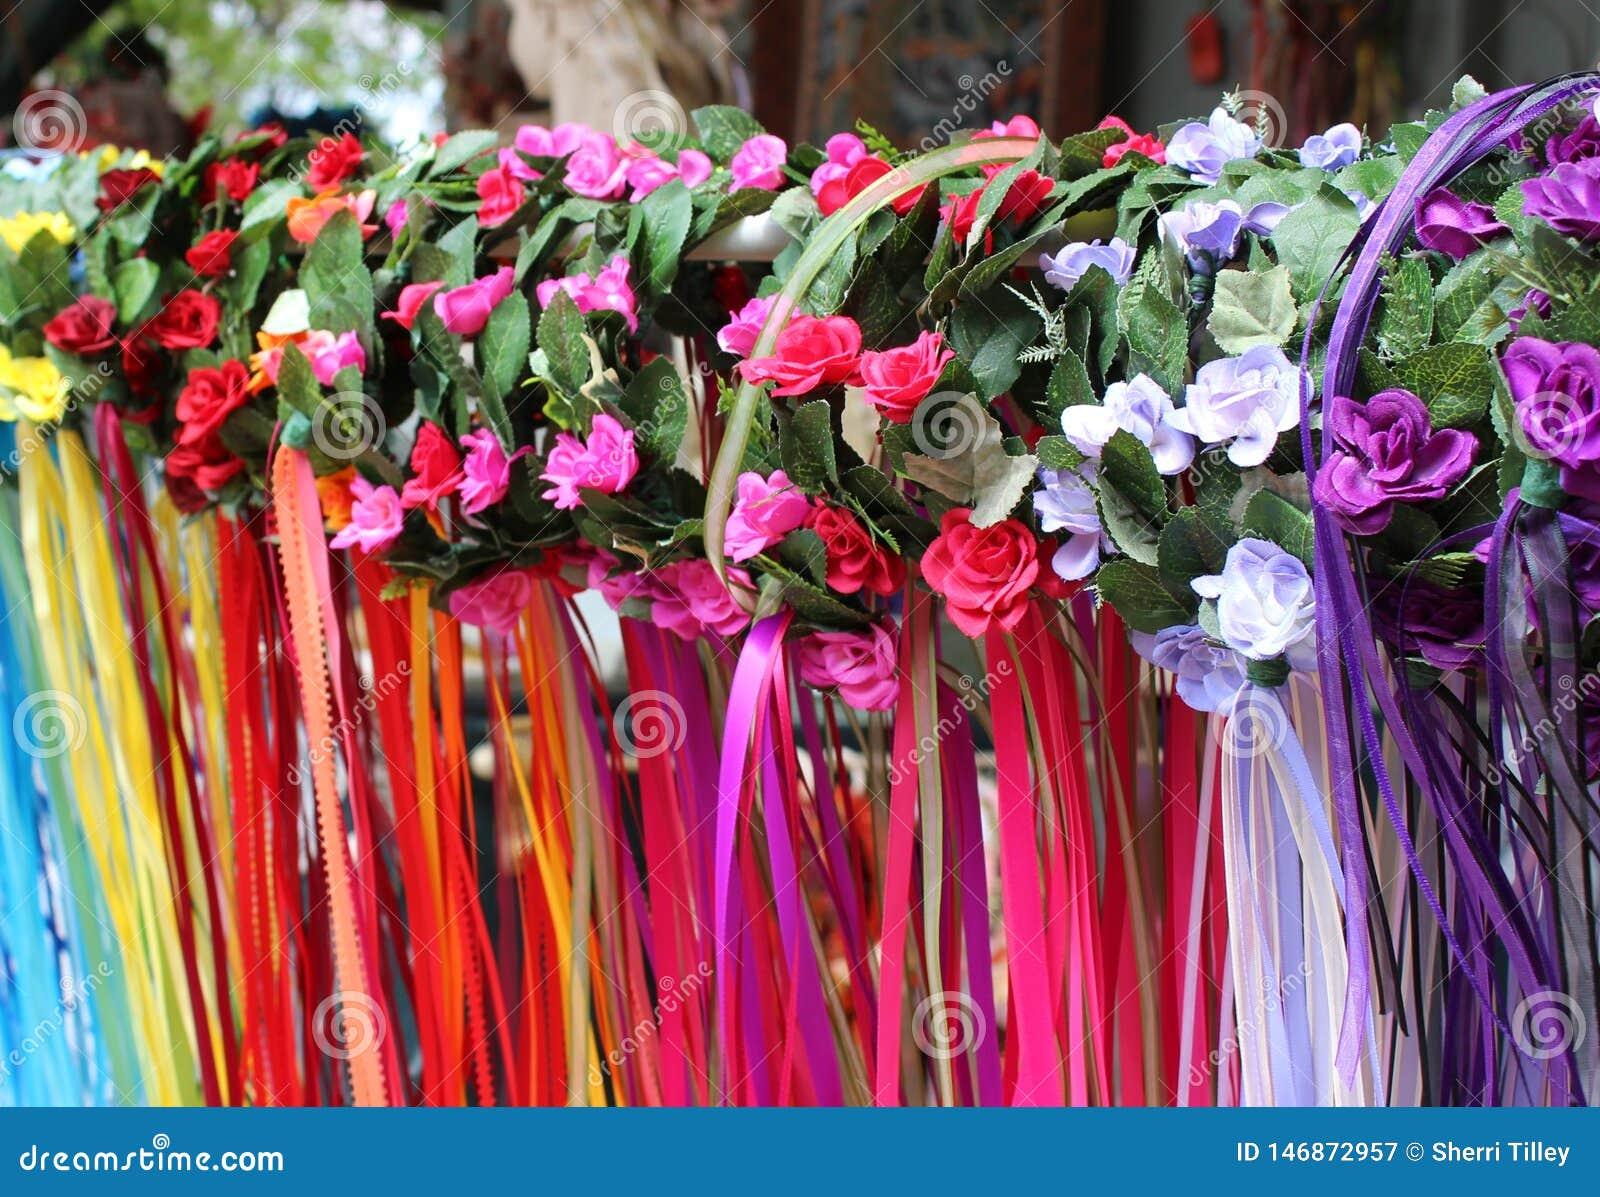 Reihen von Blume-bedeckten Mädchenstirnbändern mit bunten flüssigen Bandausläufern